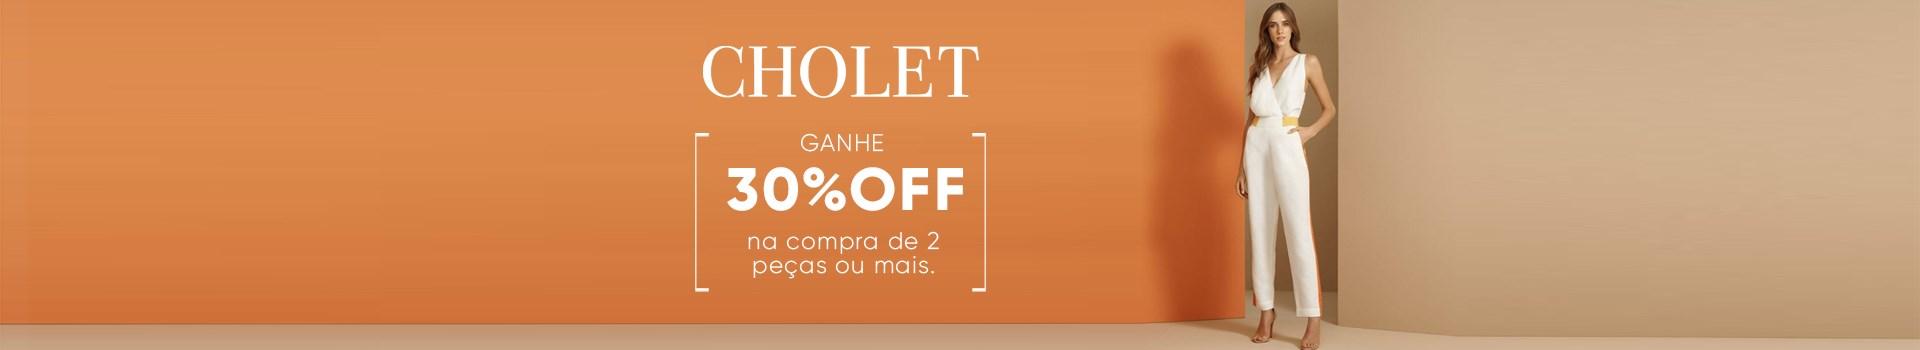 Cholet 30% Off